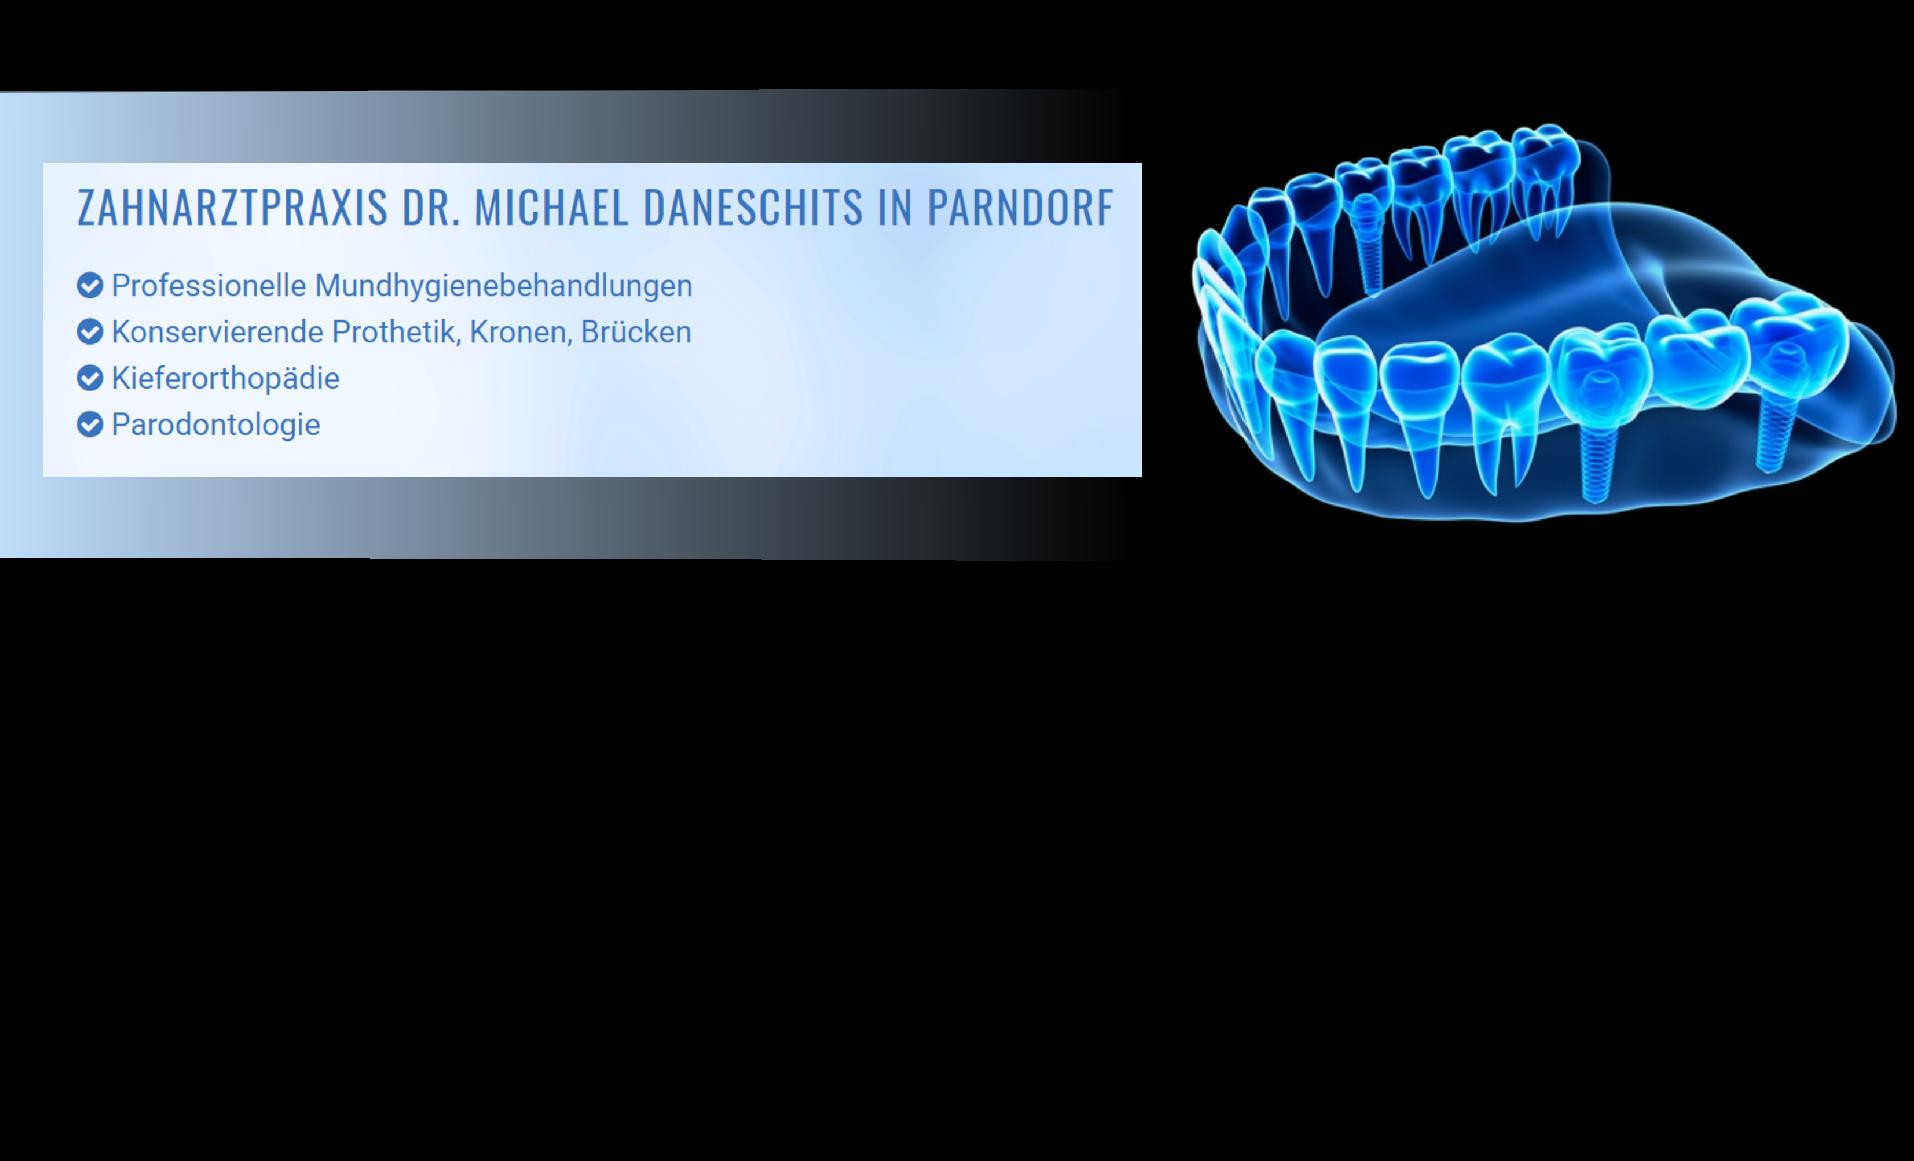 DR. MICHAEL DANESCHITS - Ihr Zahnarzt in 7111 Parndorf